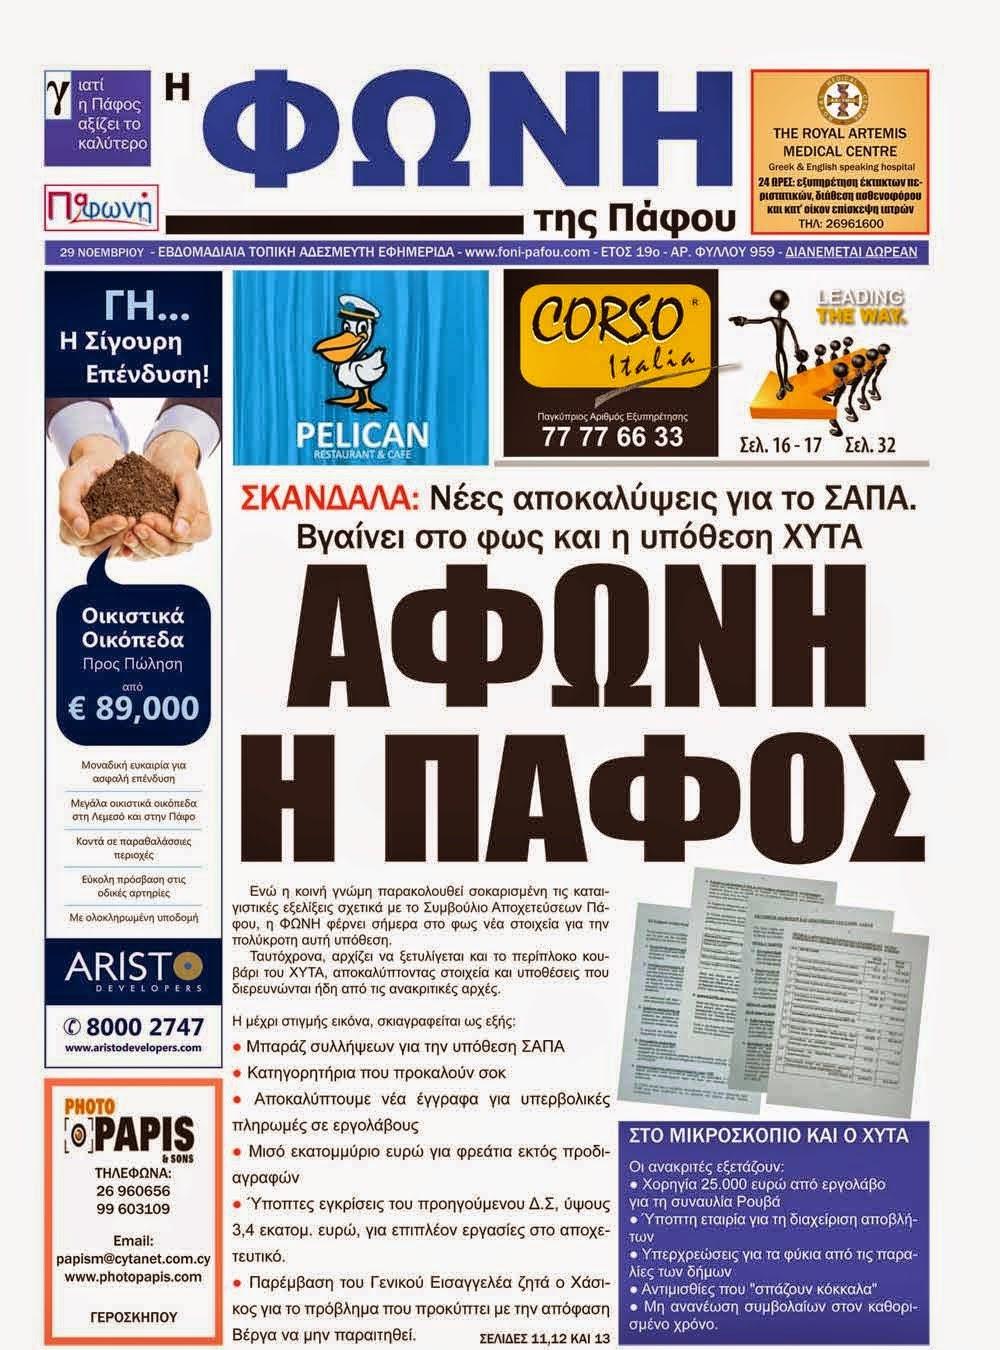 ΕΚΔΟΣΗ 959 - ΗΜΕΡ. 29/11/14